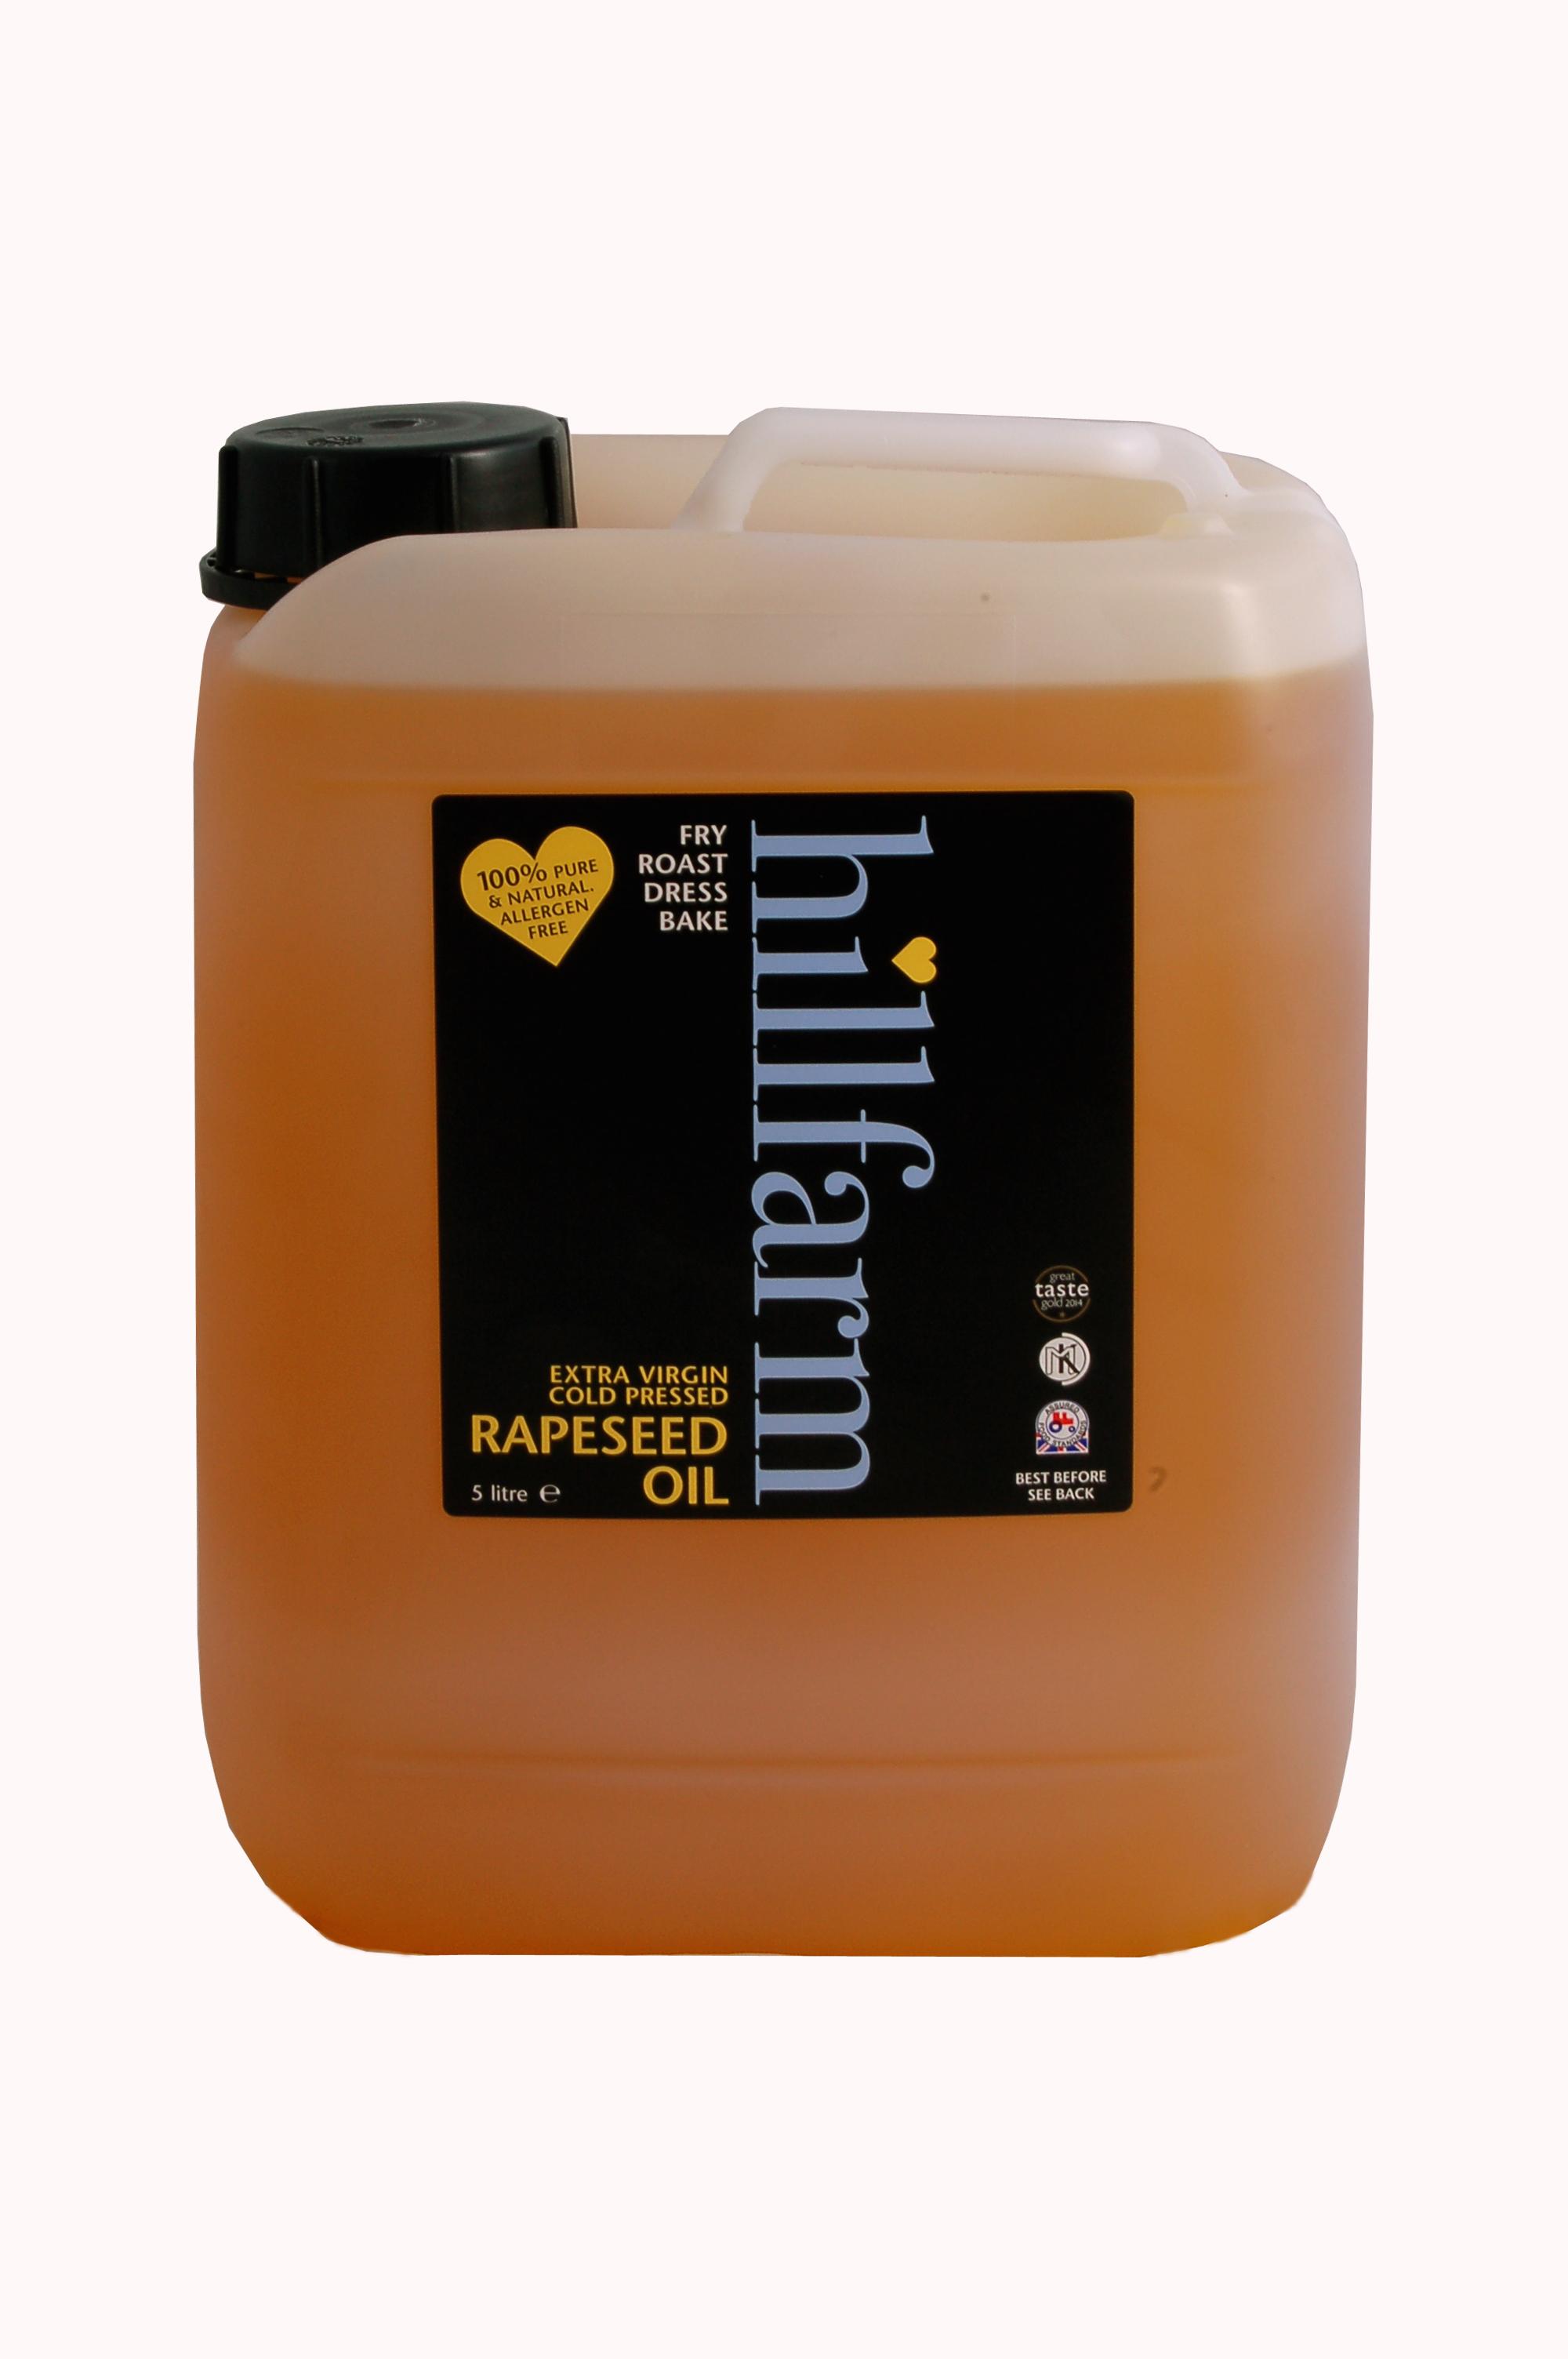 5ltr oil